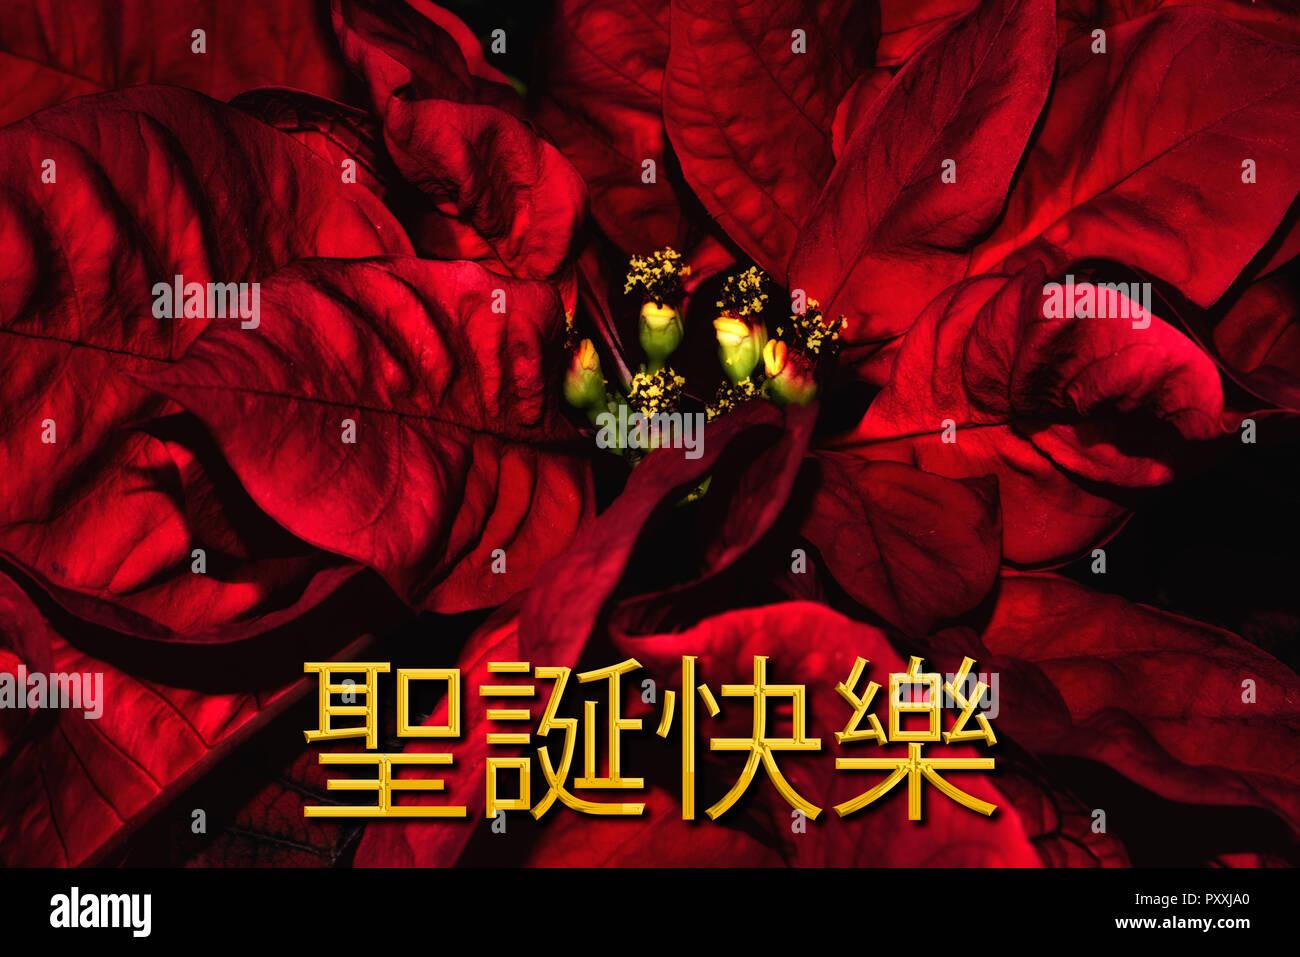 Buon Natale Del C Testo.Il Testo In Cinese 聖誕快樂 Significa Buon Natale Che Si Trova